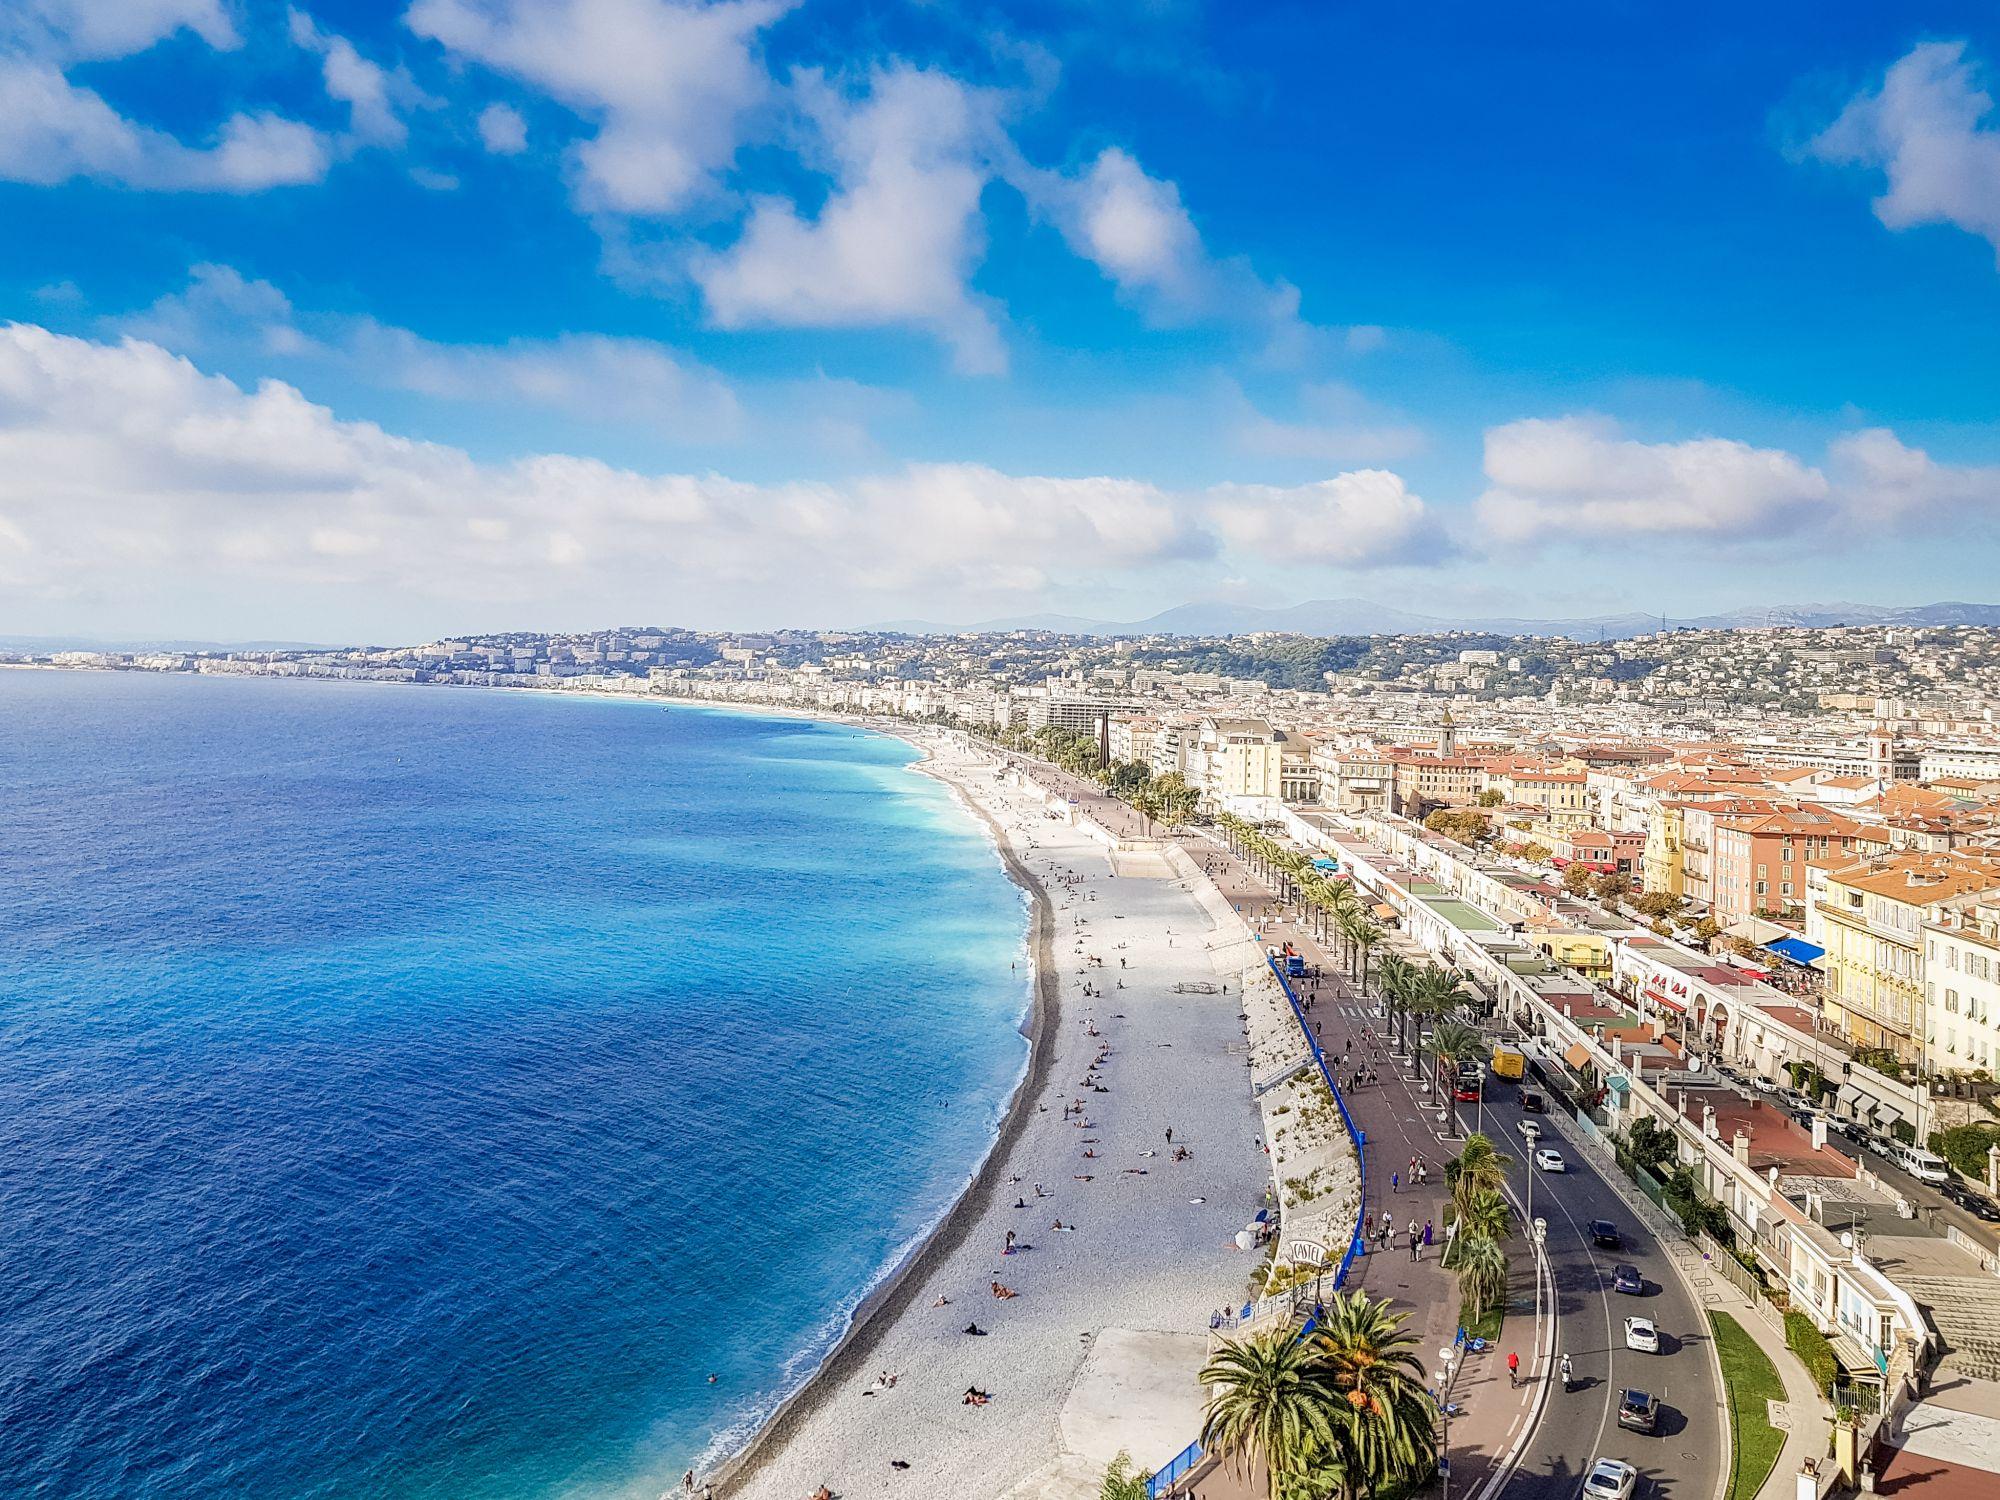 Nicea widok wybrzeża